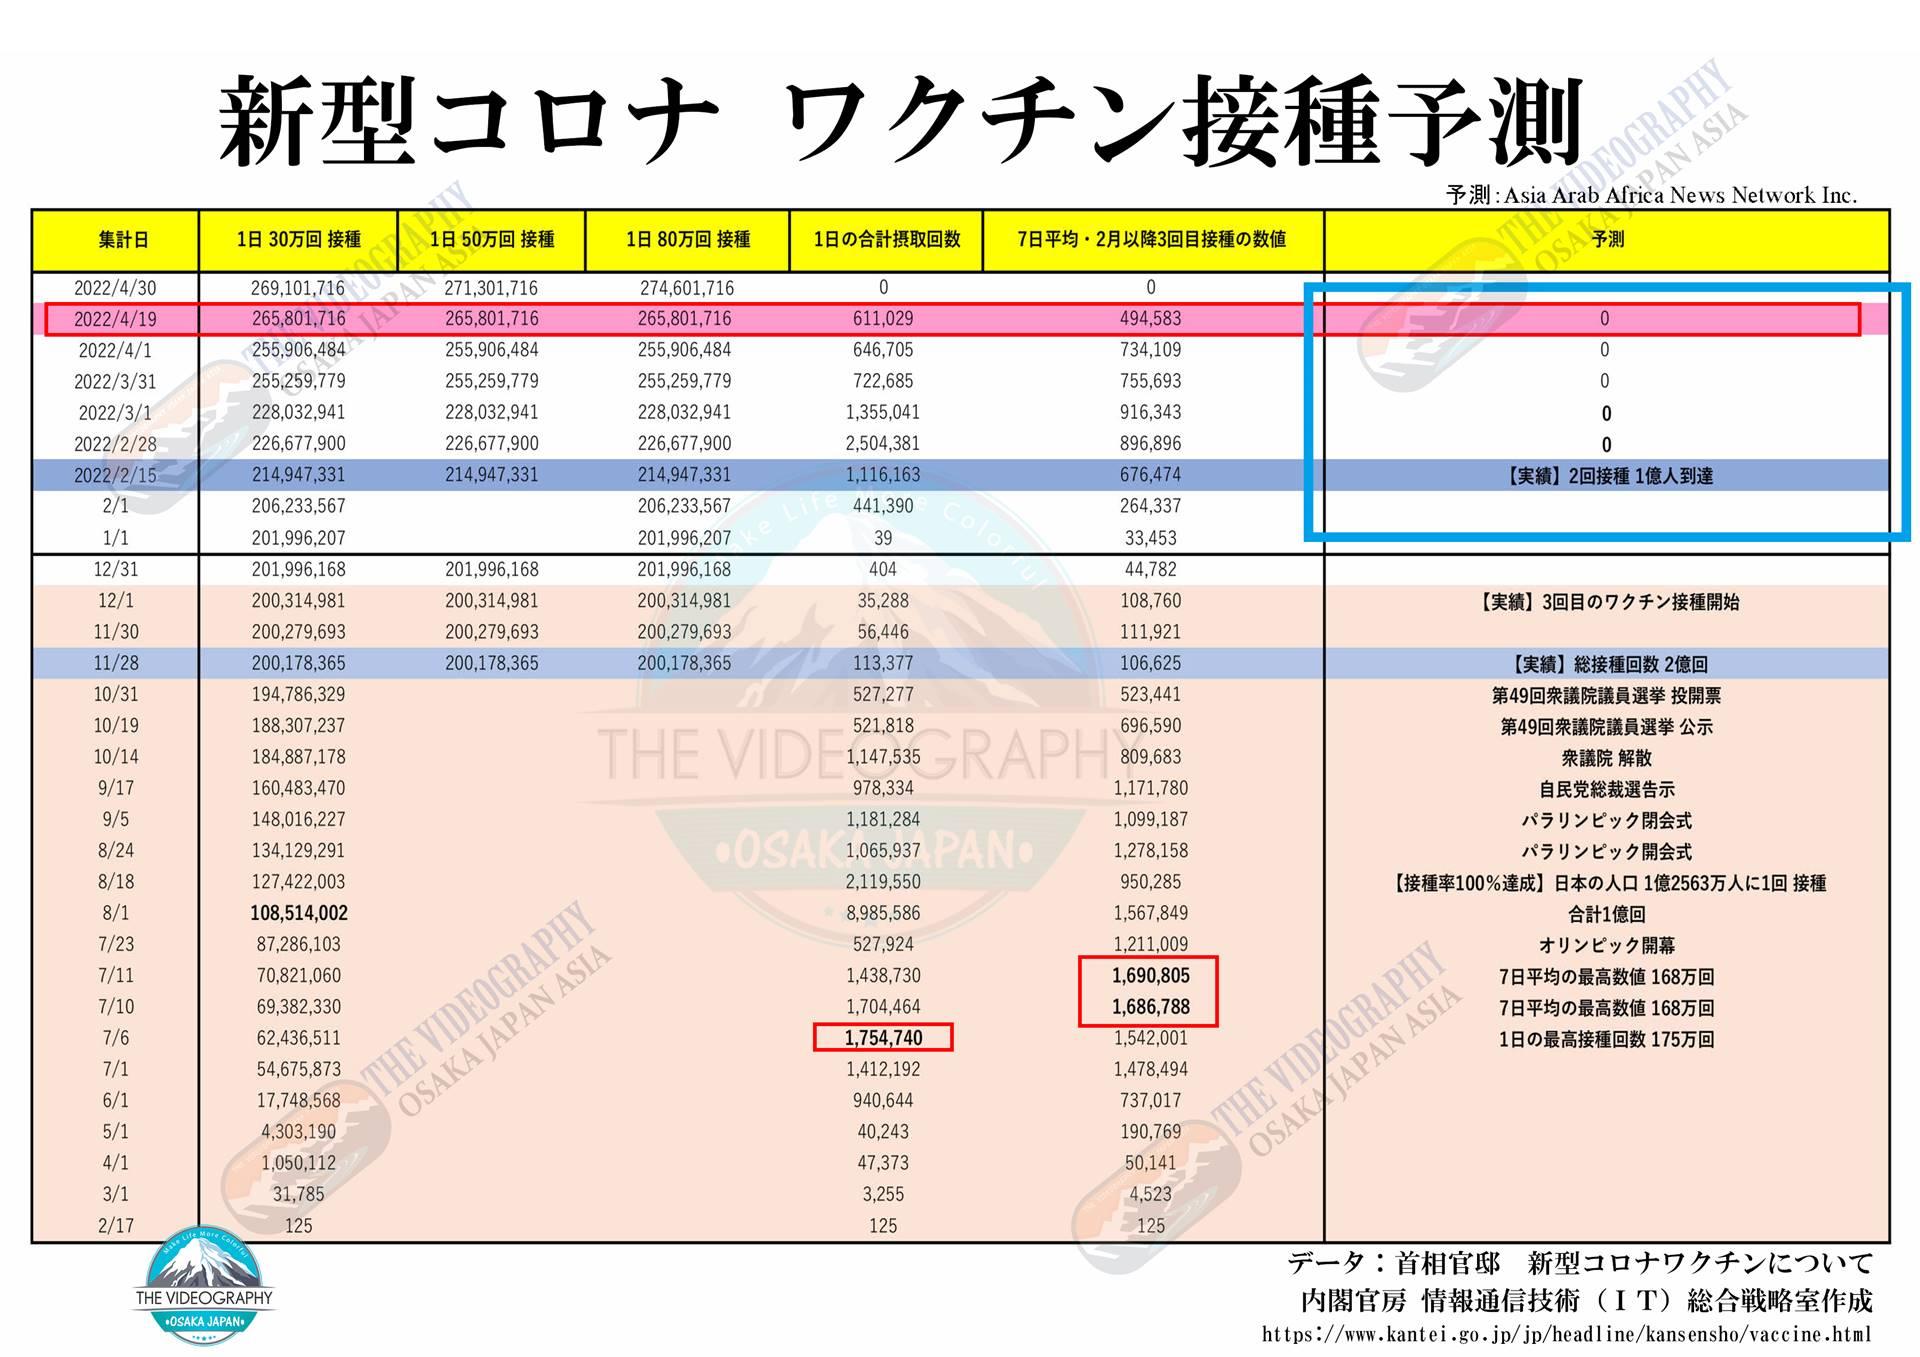 日本の新型コロナ ワクチン接種状況・集団免疫の獲得時期。 新型肺炎 コロナウイルス Covid-19 ワクチン接種状況(実績分)をグラフ化。 日本のコロナ ワクチン接種回数 1834万8184回接種(6月7日)。 高齢者などの接種回数 9,854,167回(6月7日)。 医療従事者等:8,494,017回(6月7日)。 6月10日に 高齢者のワクチン接種回数は1000万回を超えるとの予測。 「高齢者など」 高齢者などのワクチン接種回数 985万4167回(令和3年6月7日) 1日での最高接種記録 53万回(統計上 「高齢者など」のみの件数 6月2日) 「医療従事者など」 医療従事者等のワクチン接種回数 849万4017回(令和3年6月7日) ★合計 1834万8184回接種(6月7日)